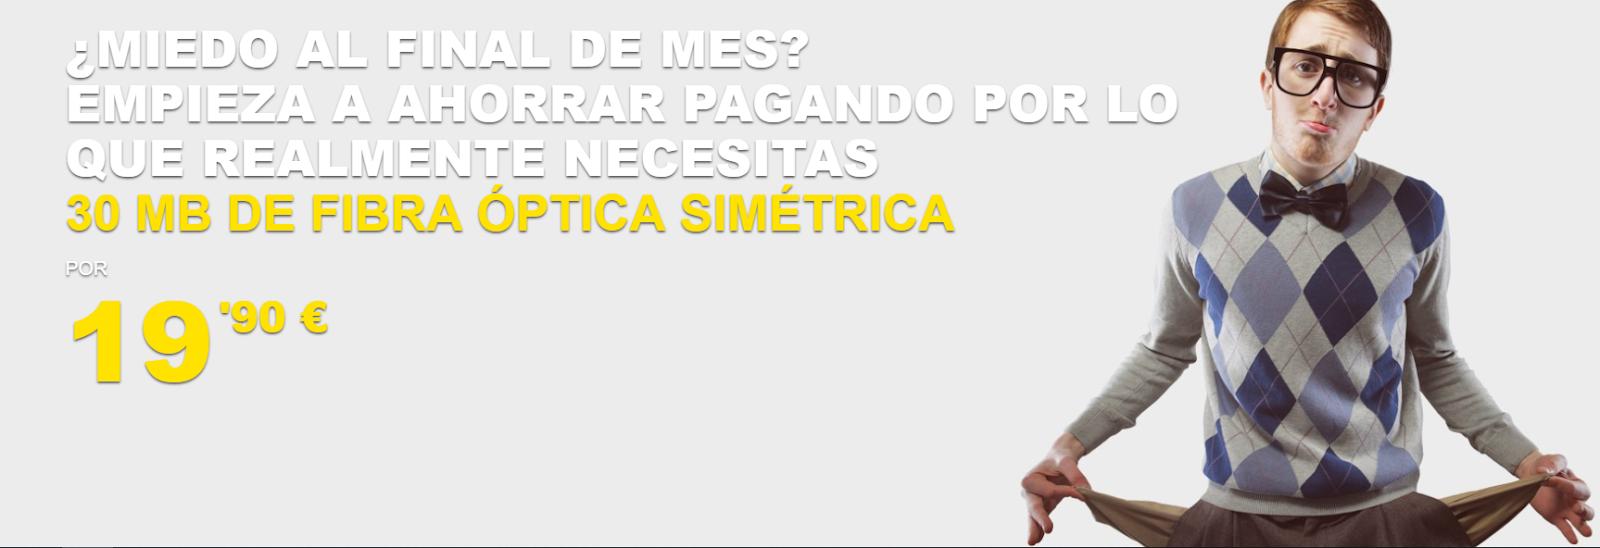 Ahí+ ofrece fibra 30 mb simétricos a 19,90 euros